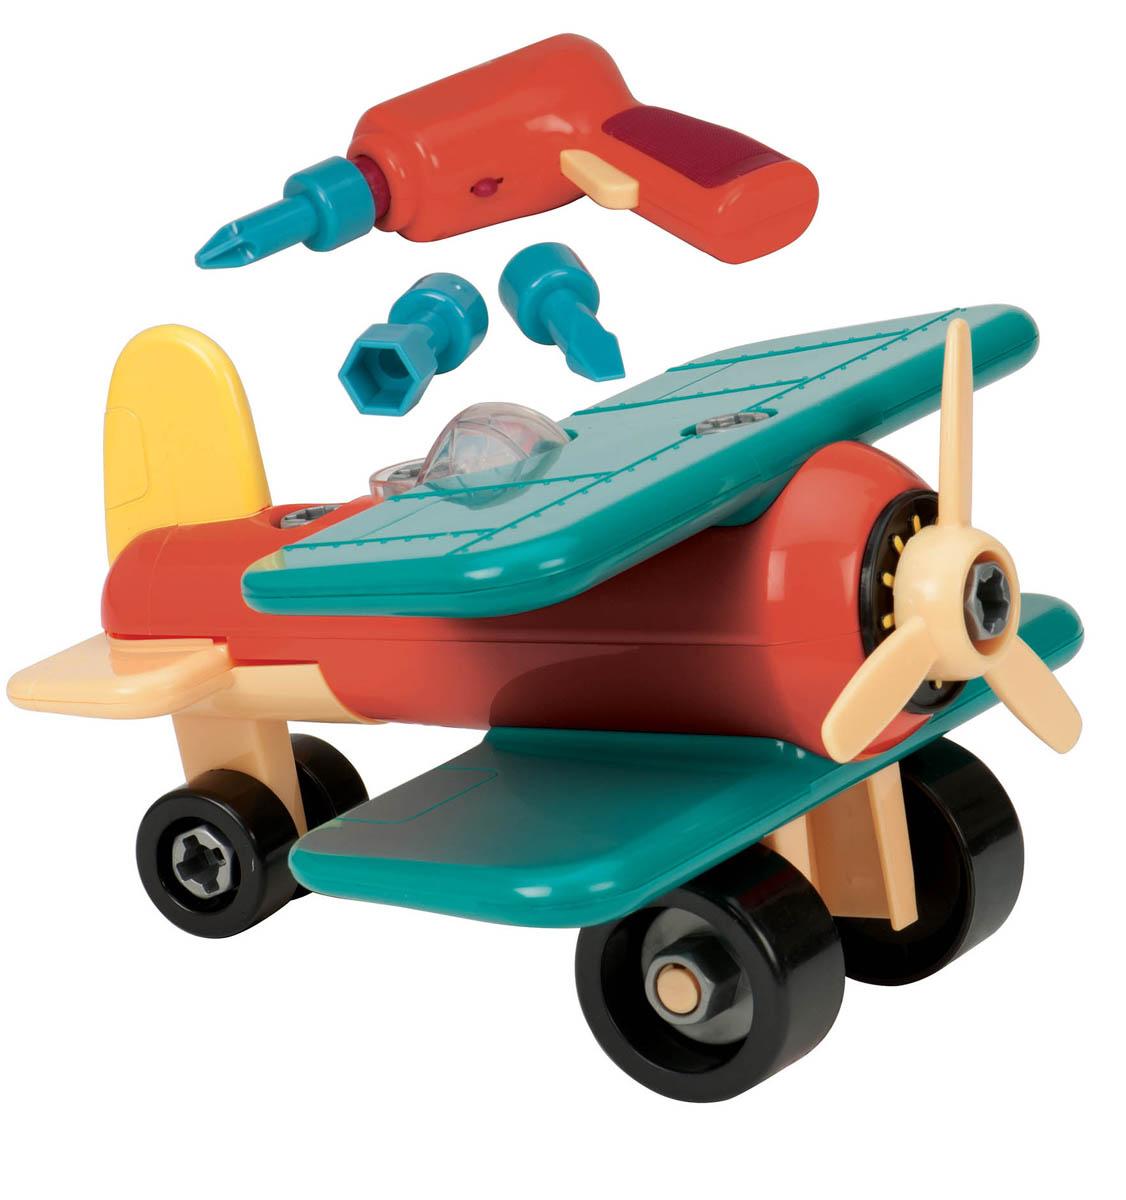 Battat Конструктор Разборный самолет цвет зеленый оранжевый68706_зеленый оранжевыйКонструктор Battat Разборный самолет обязательно привлечет внимание вашего малыша. Игрушка выполнена из прочного пластика ярких цветов. В комплект входит отвертка с 3 насадками и 21 элемент самолета-конструктора. При помощи пластиковой электрической отвертки игрушку можно разбирать и собирать множество раз, как конструктор. Пластиковая отвертка работает на батарейках, а насадки разной формы пригодятся для различных элементов самолета. Все элементы конструктора имеют увеличенные размеры и малыш сможет легко собрать их самостоятельно. Винт и колесики самолета вращаются. С такой игрушкой ваш ребенок весело проведет время, играя на детской площадке или в песочнице. А процесс сборки игрушки-конструктора поможет малышу развить мелкую моторику пальчиков, внимательность и усидчивость. Порадуйте своего малыша такой чудесной игрушкой! Для работы отвертки необходимы 2 батарейки типа АА (не входят в комплект).